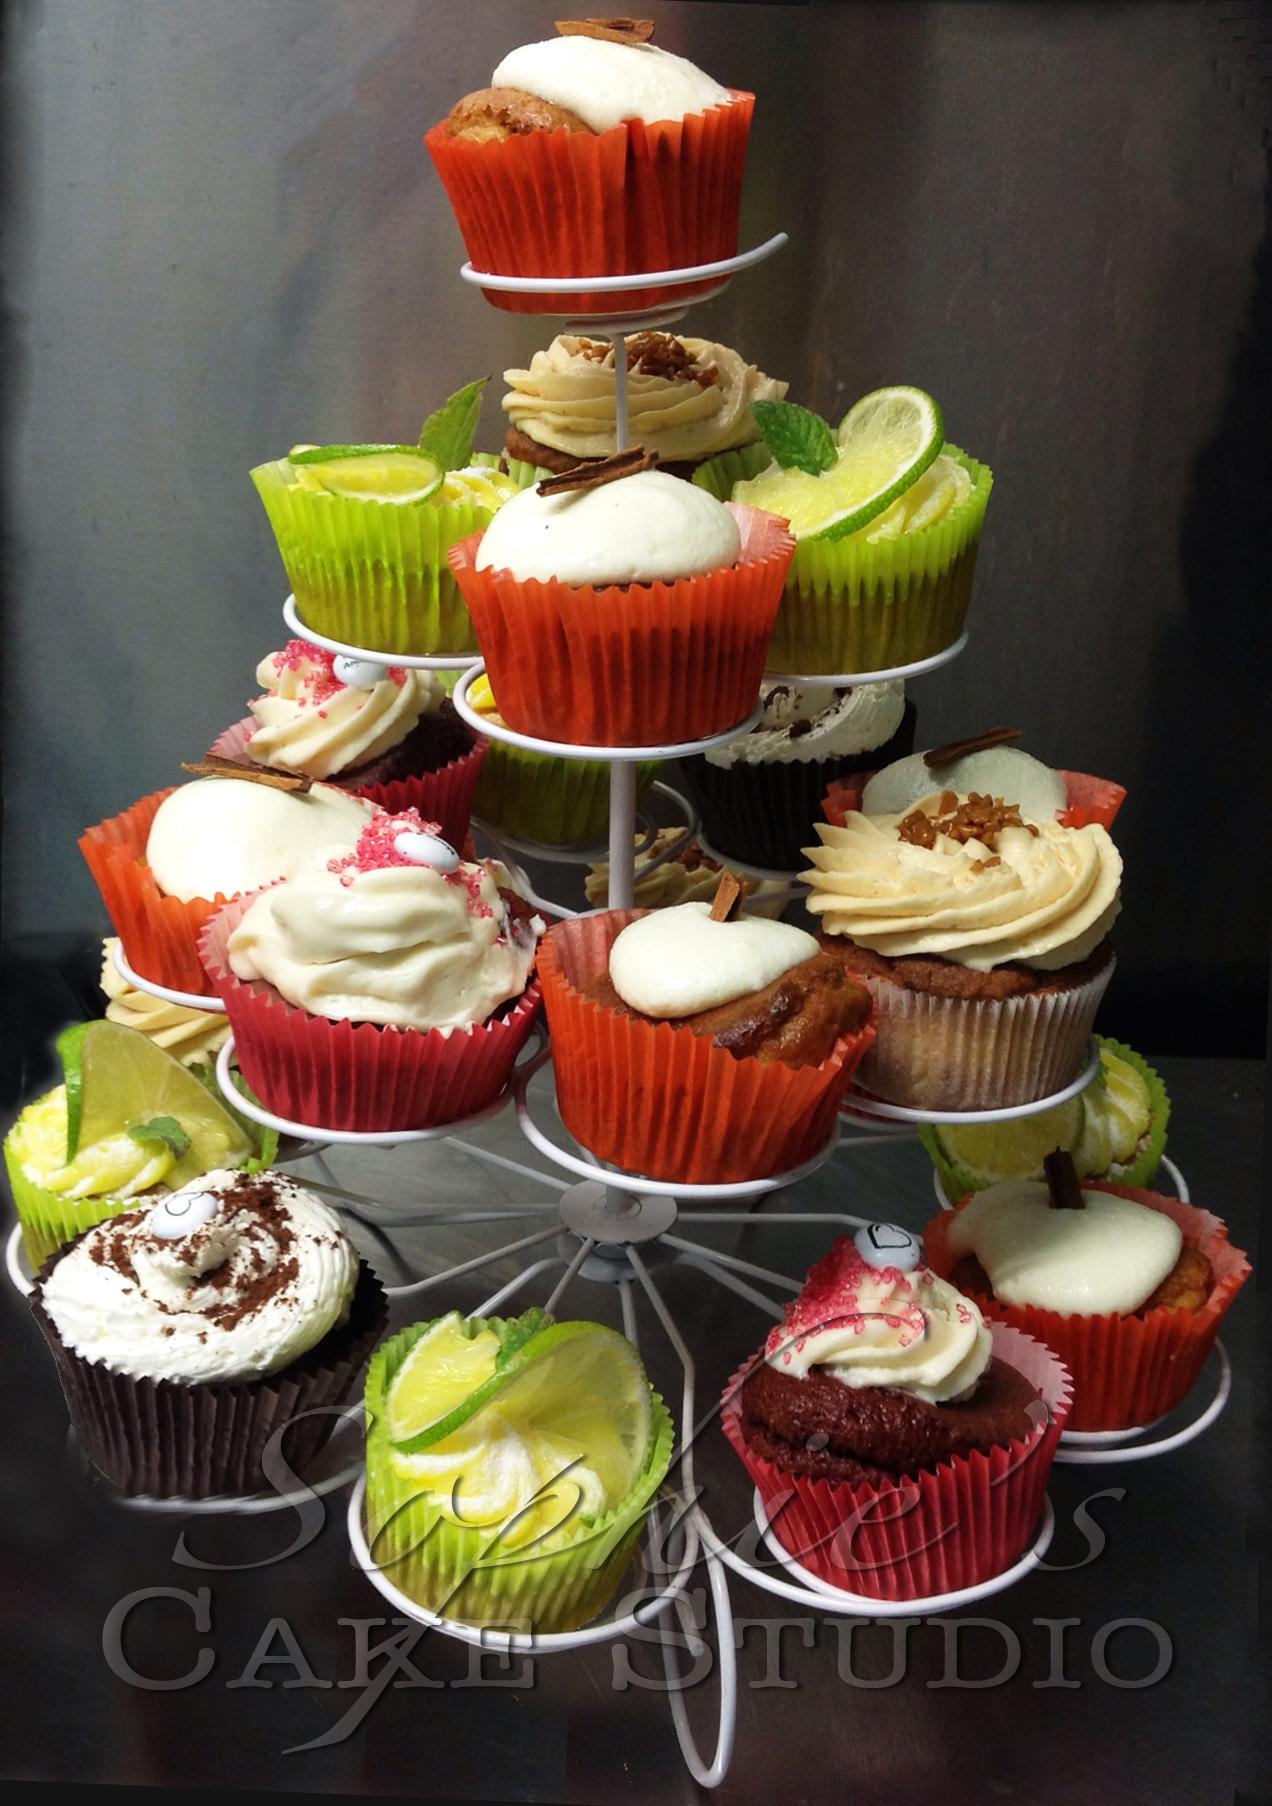 cupcakes watermark.jpg